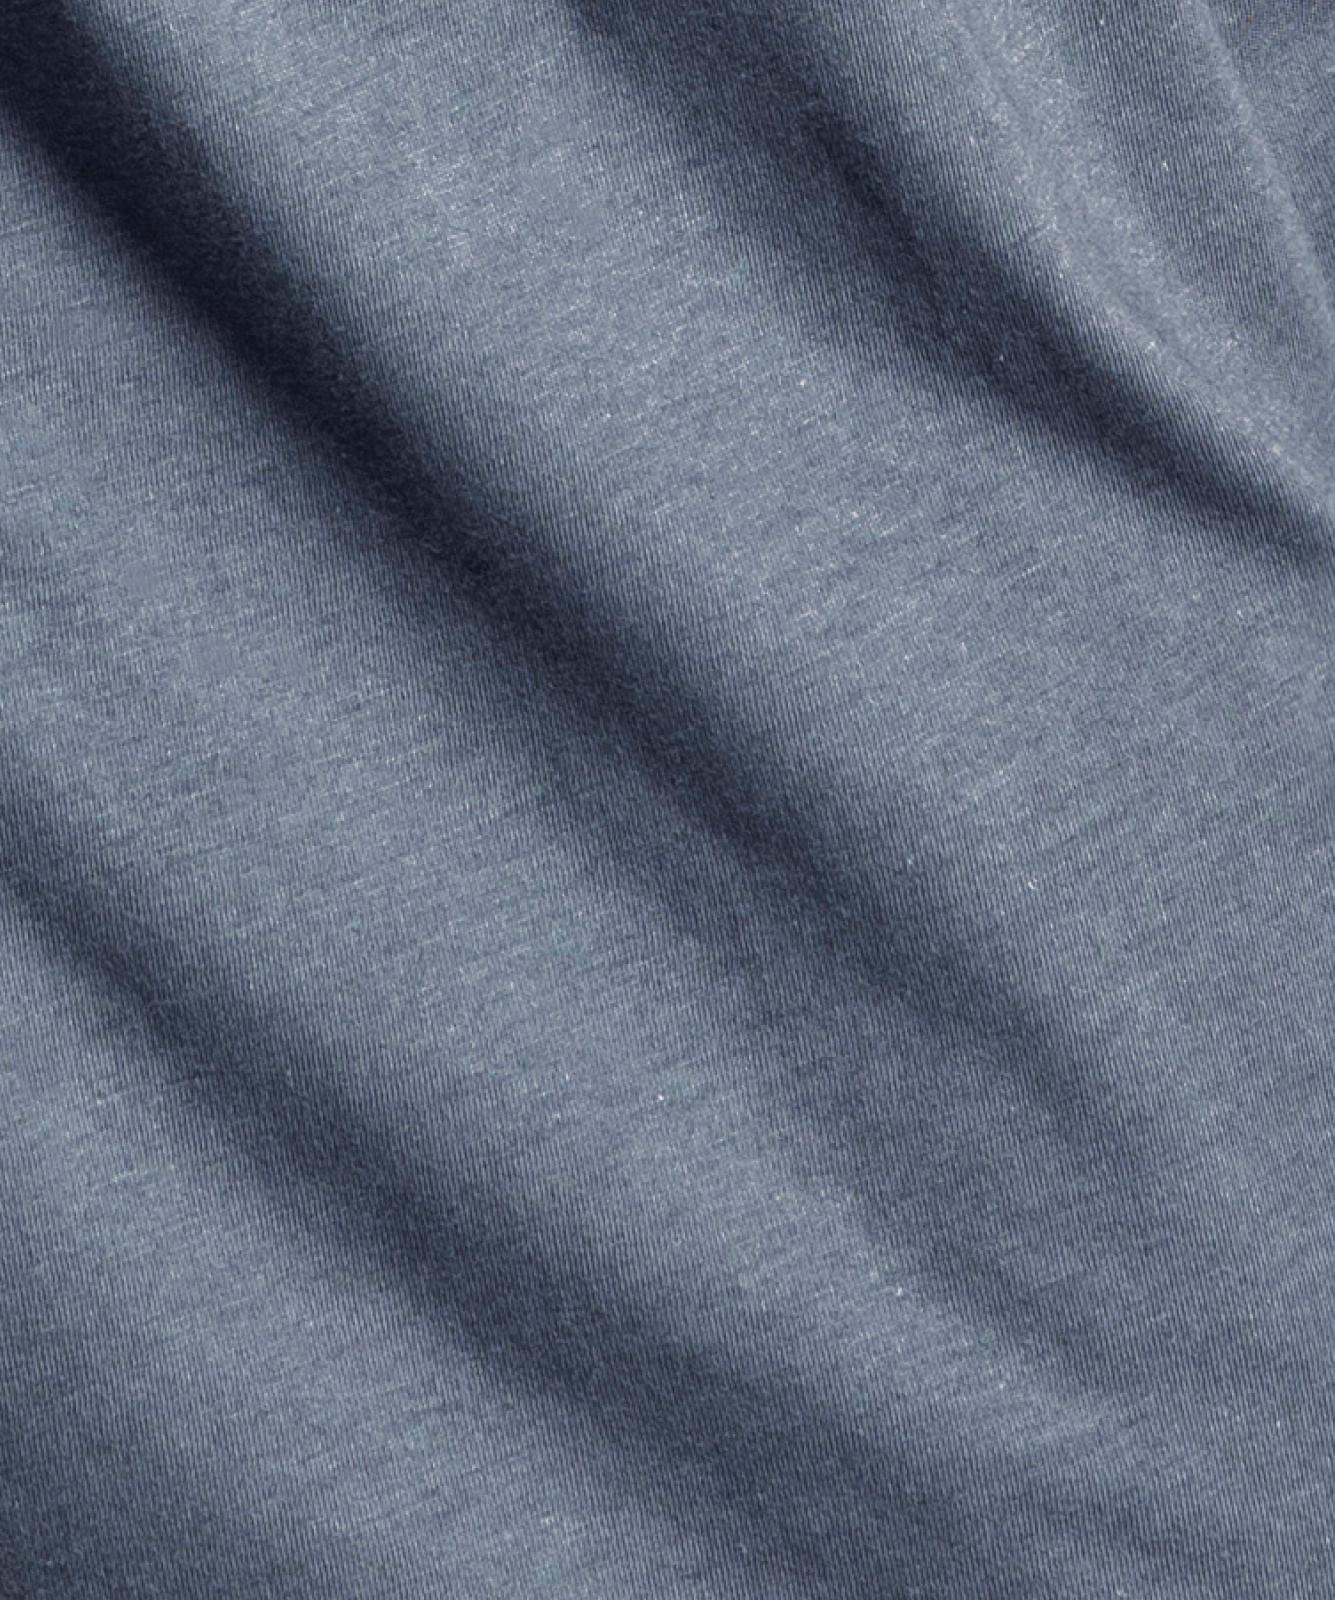 Мужские трусы боксеры Atlantic, набор из 2 шт., хлопок, темно-синие + голубой меланж, 2MBX-008